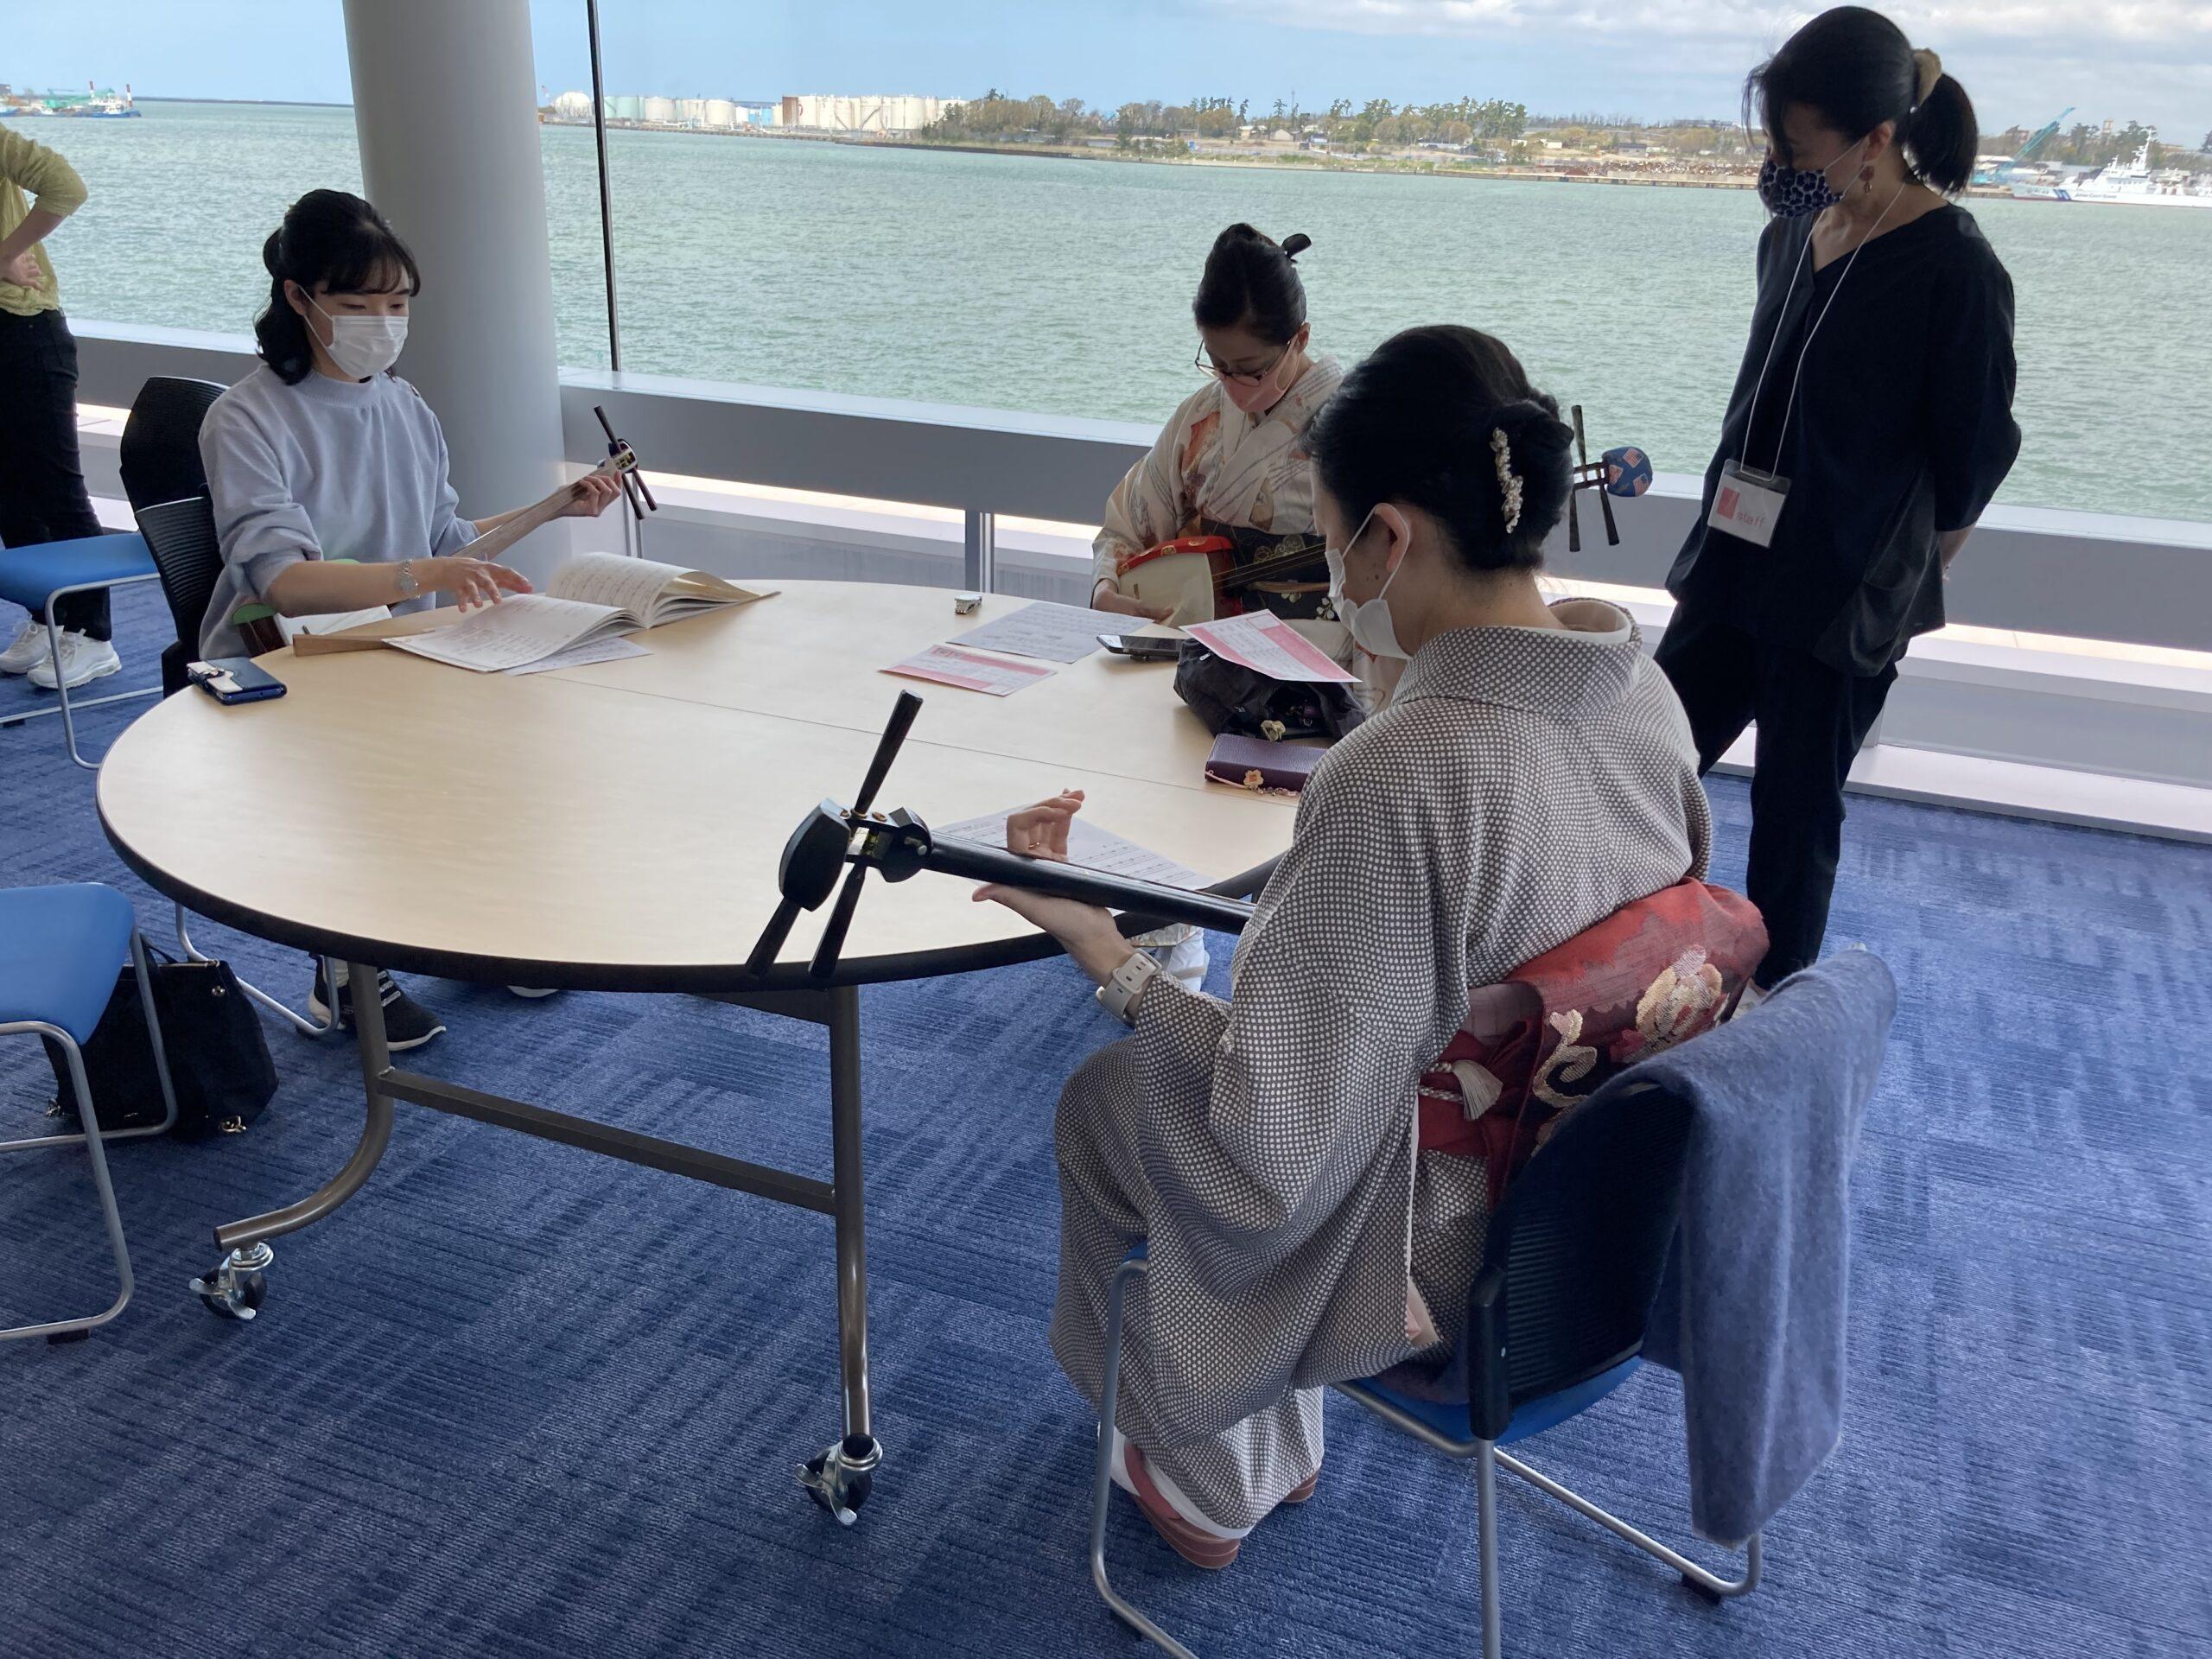 金沢港クルーズターミナルで三味線体験会